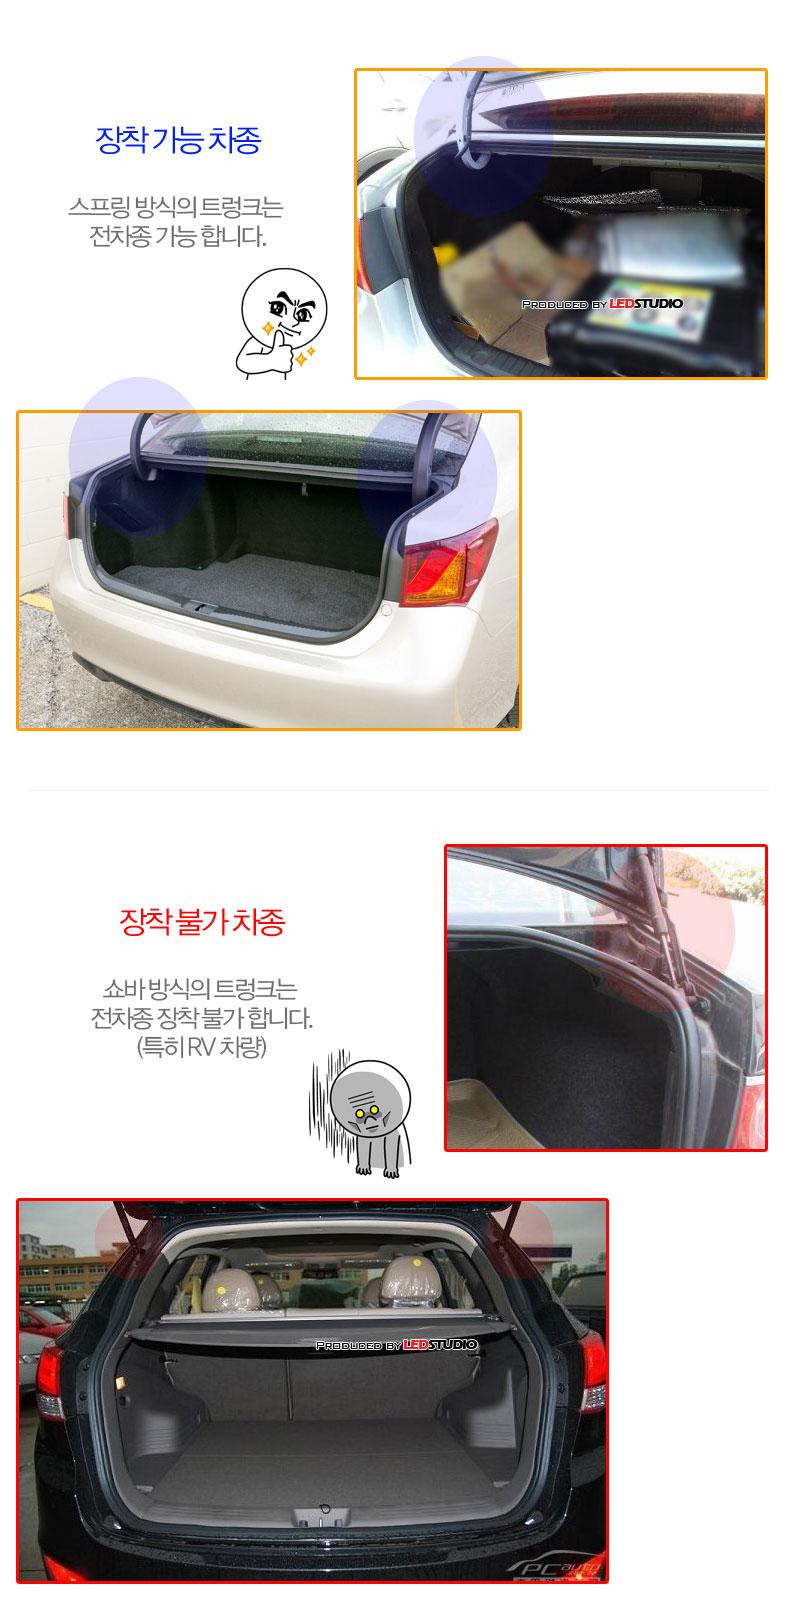 exLED 적외선 감지방식 스마트 트렁크 오픈 모듈 (트렁크 리프팅 스프링 옵션)